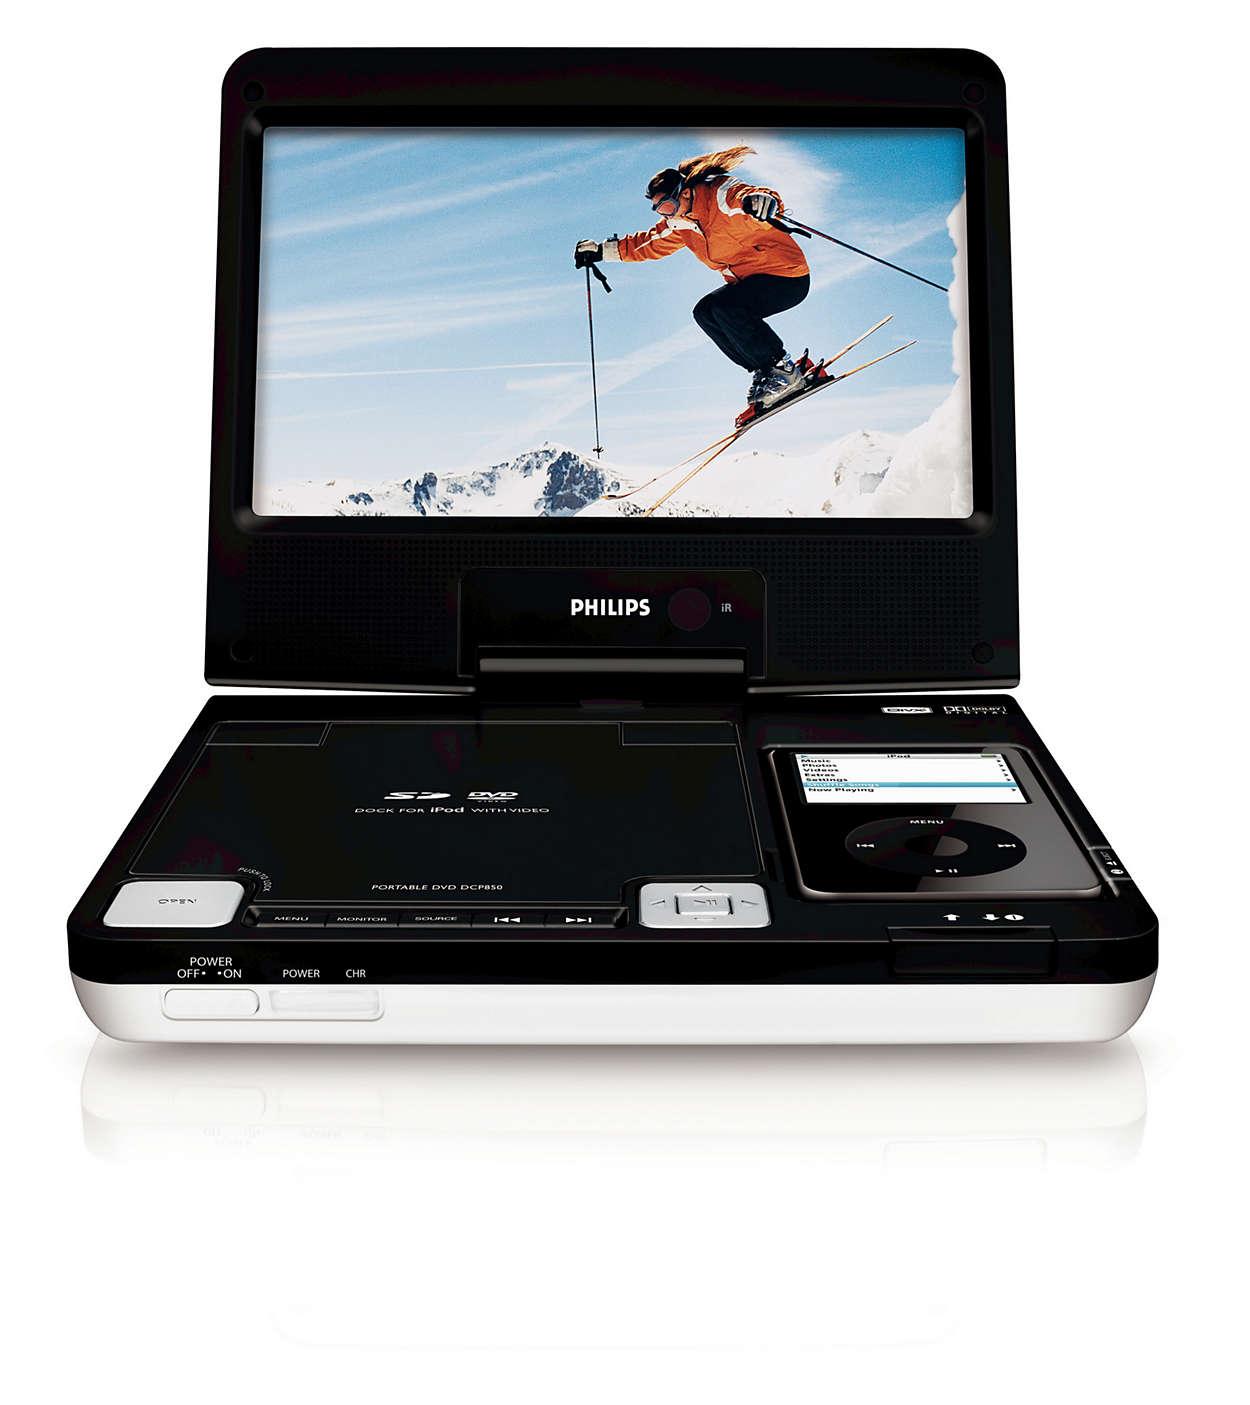 Oglądaj nagrania z iPodów, płyt DVD oraz kart pamięci SD